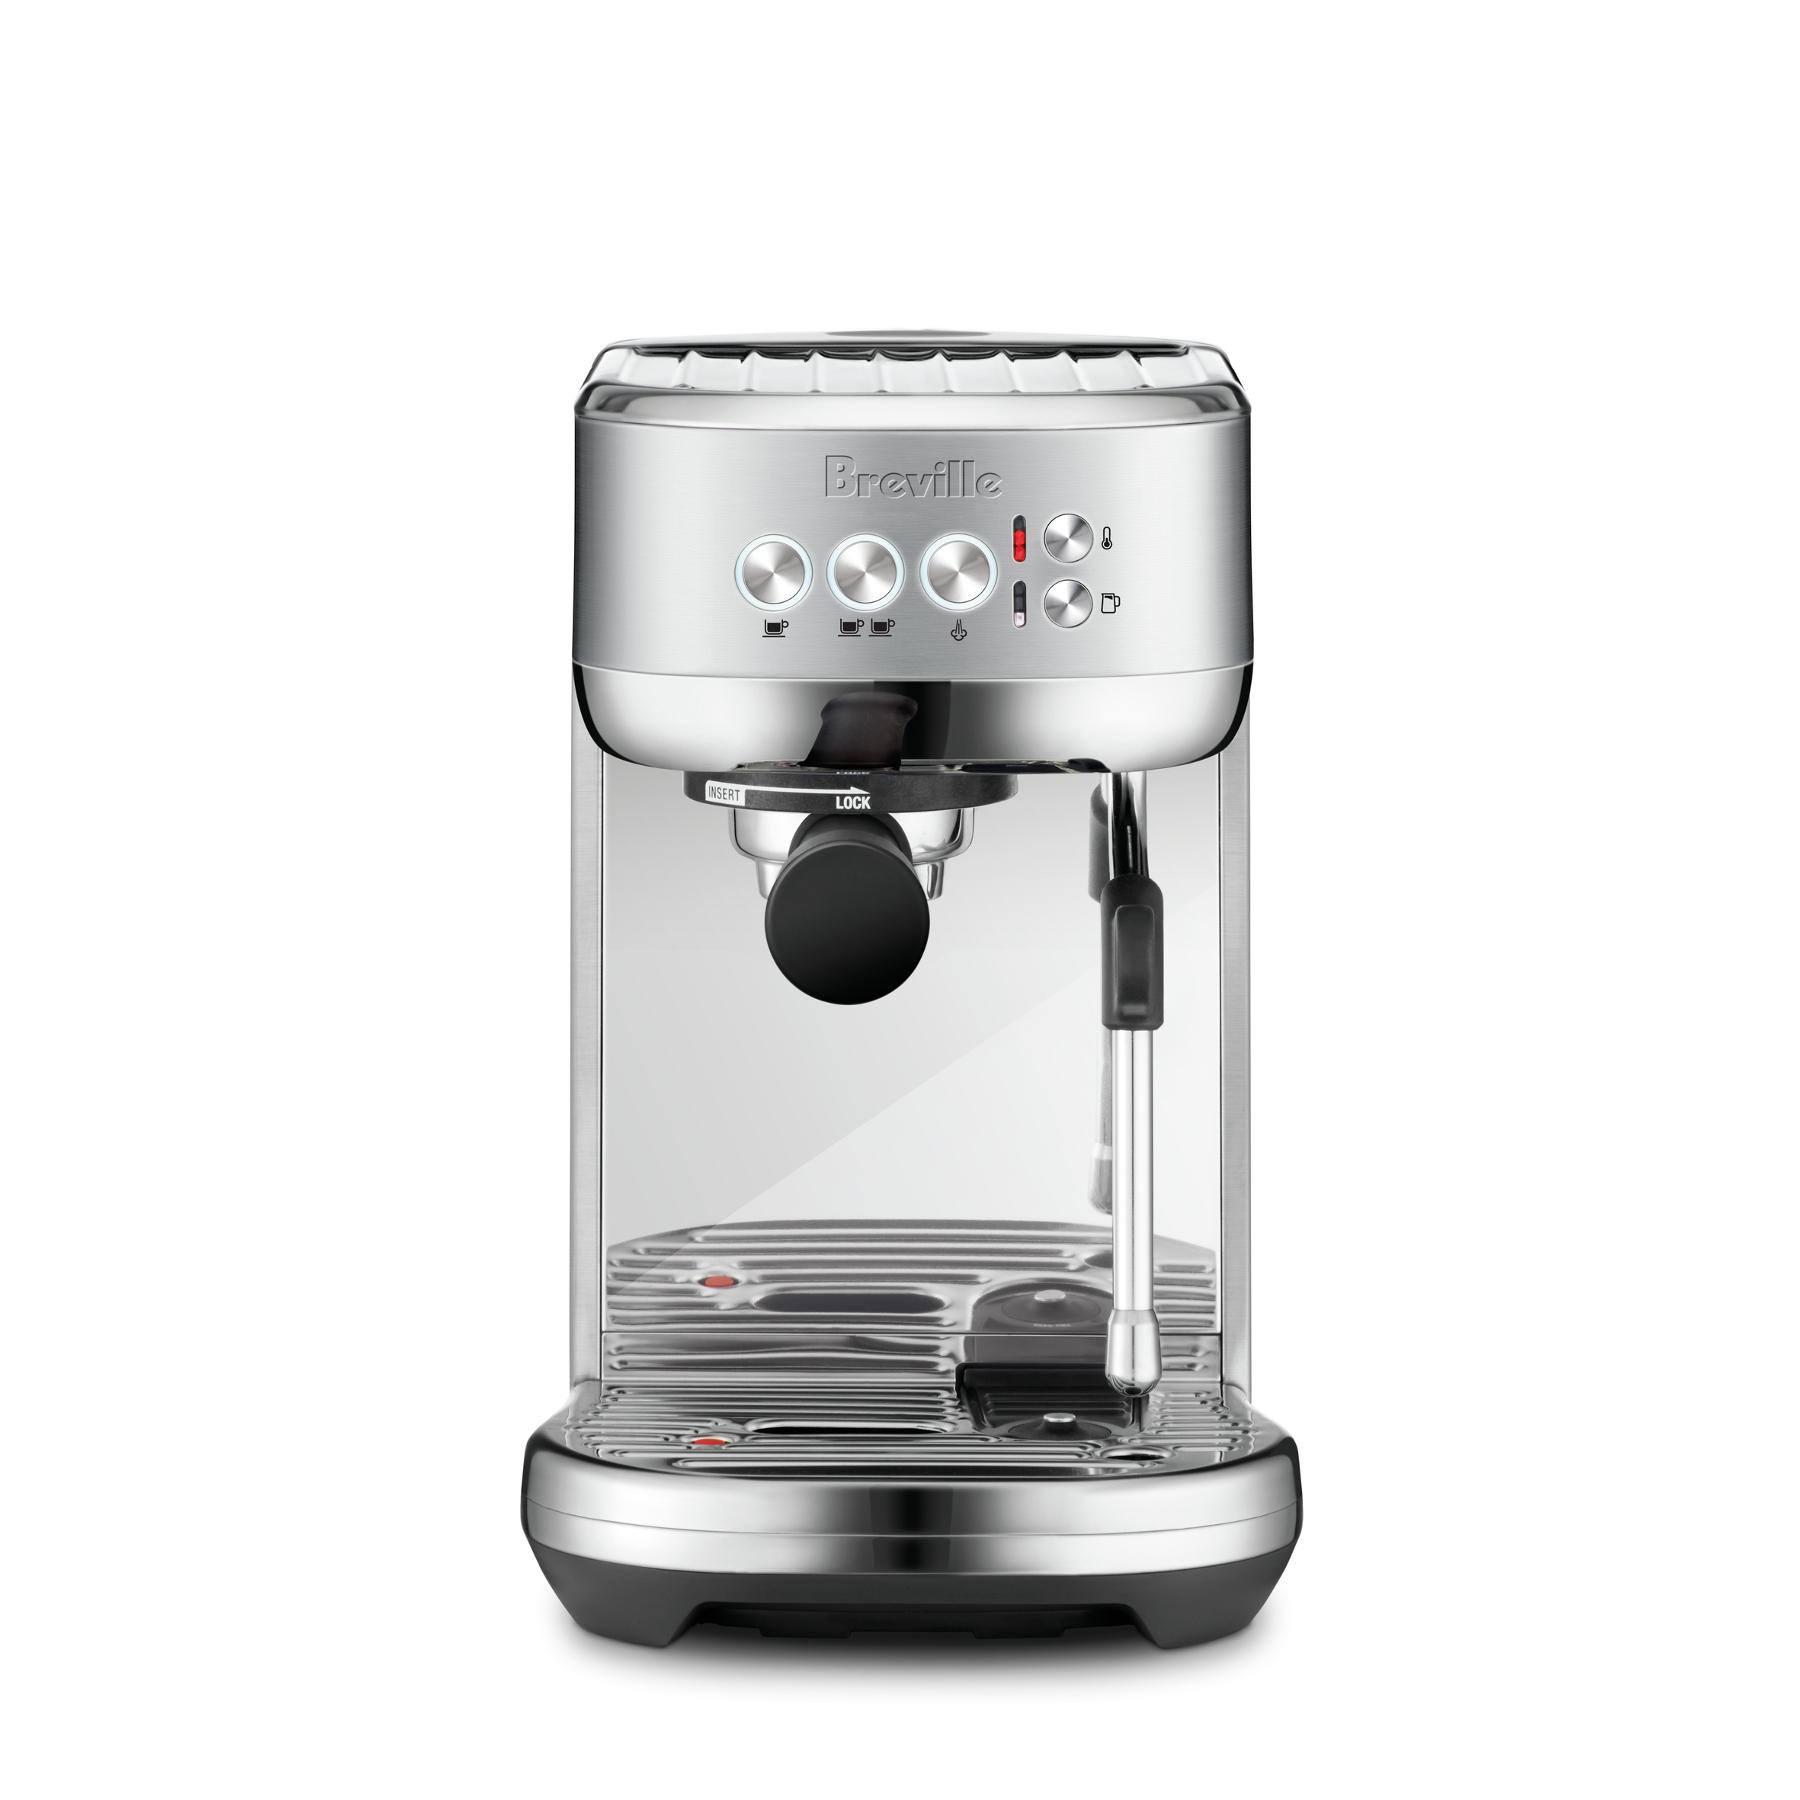 Breville the Bambino Plus Espresso and Latte Maker